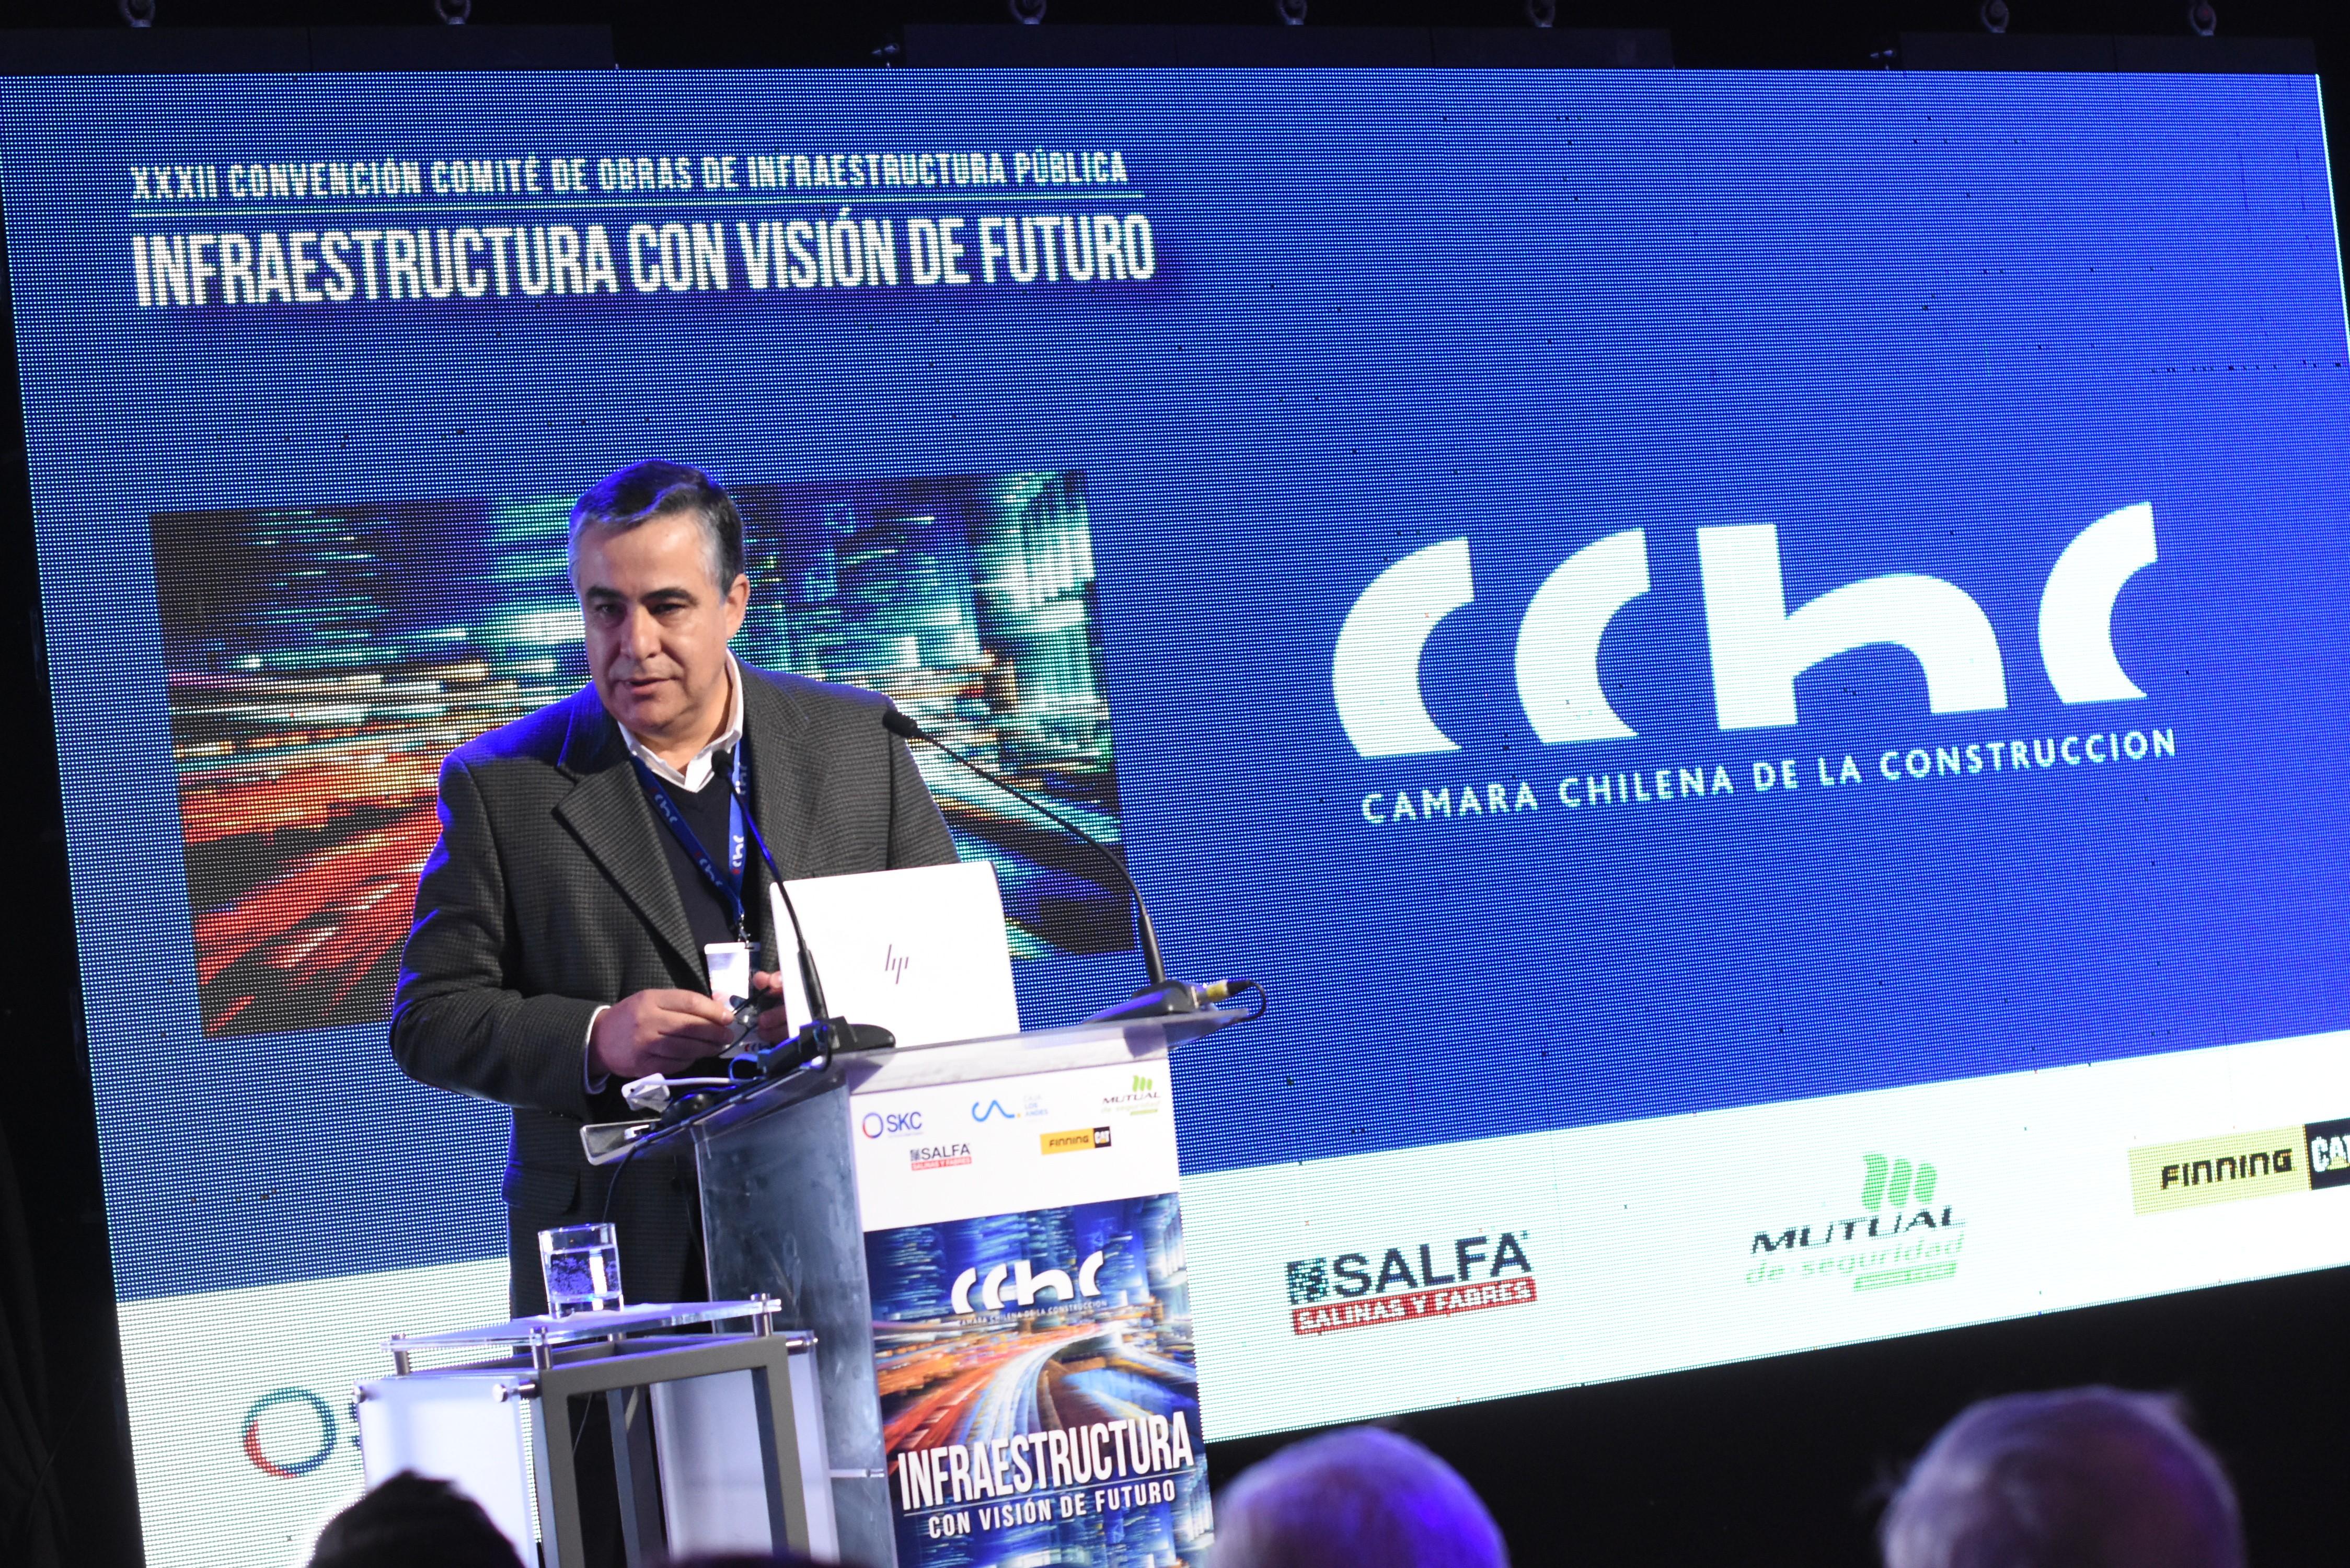 CCHC 2019